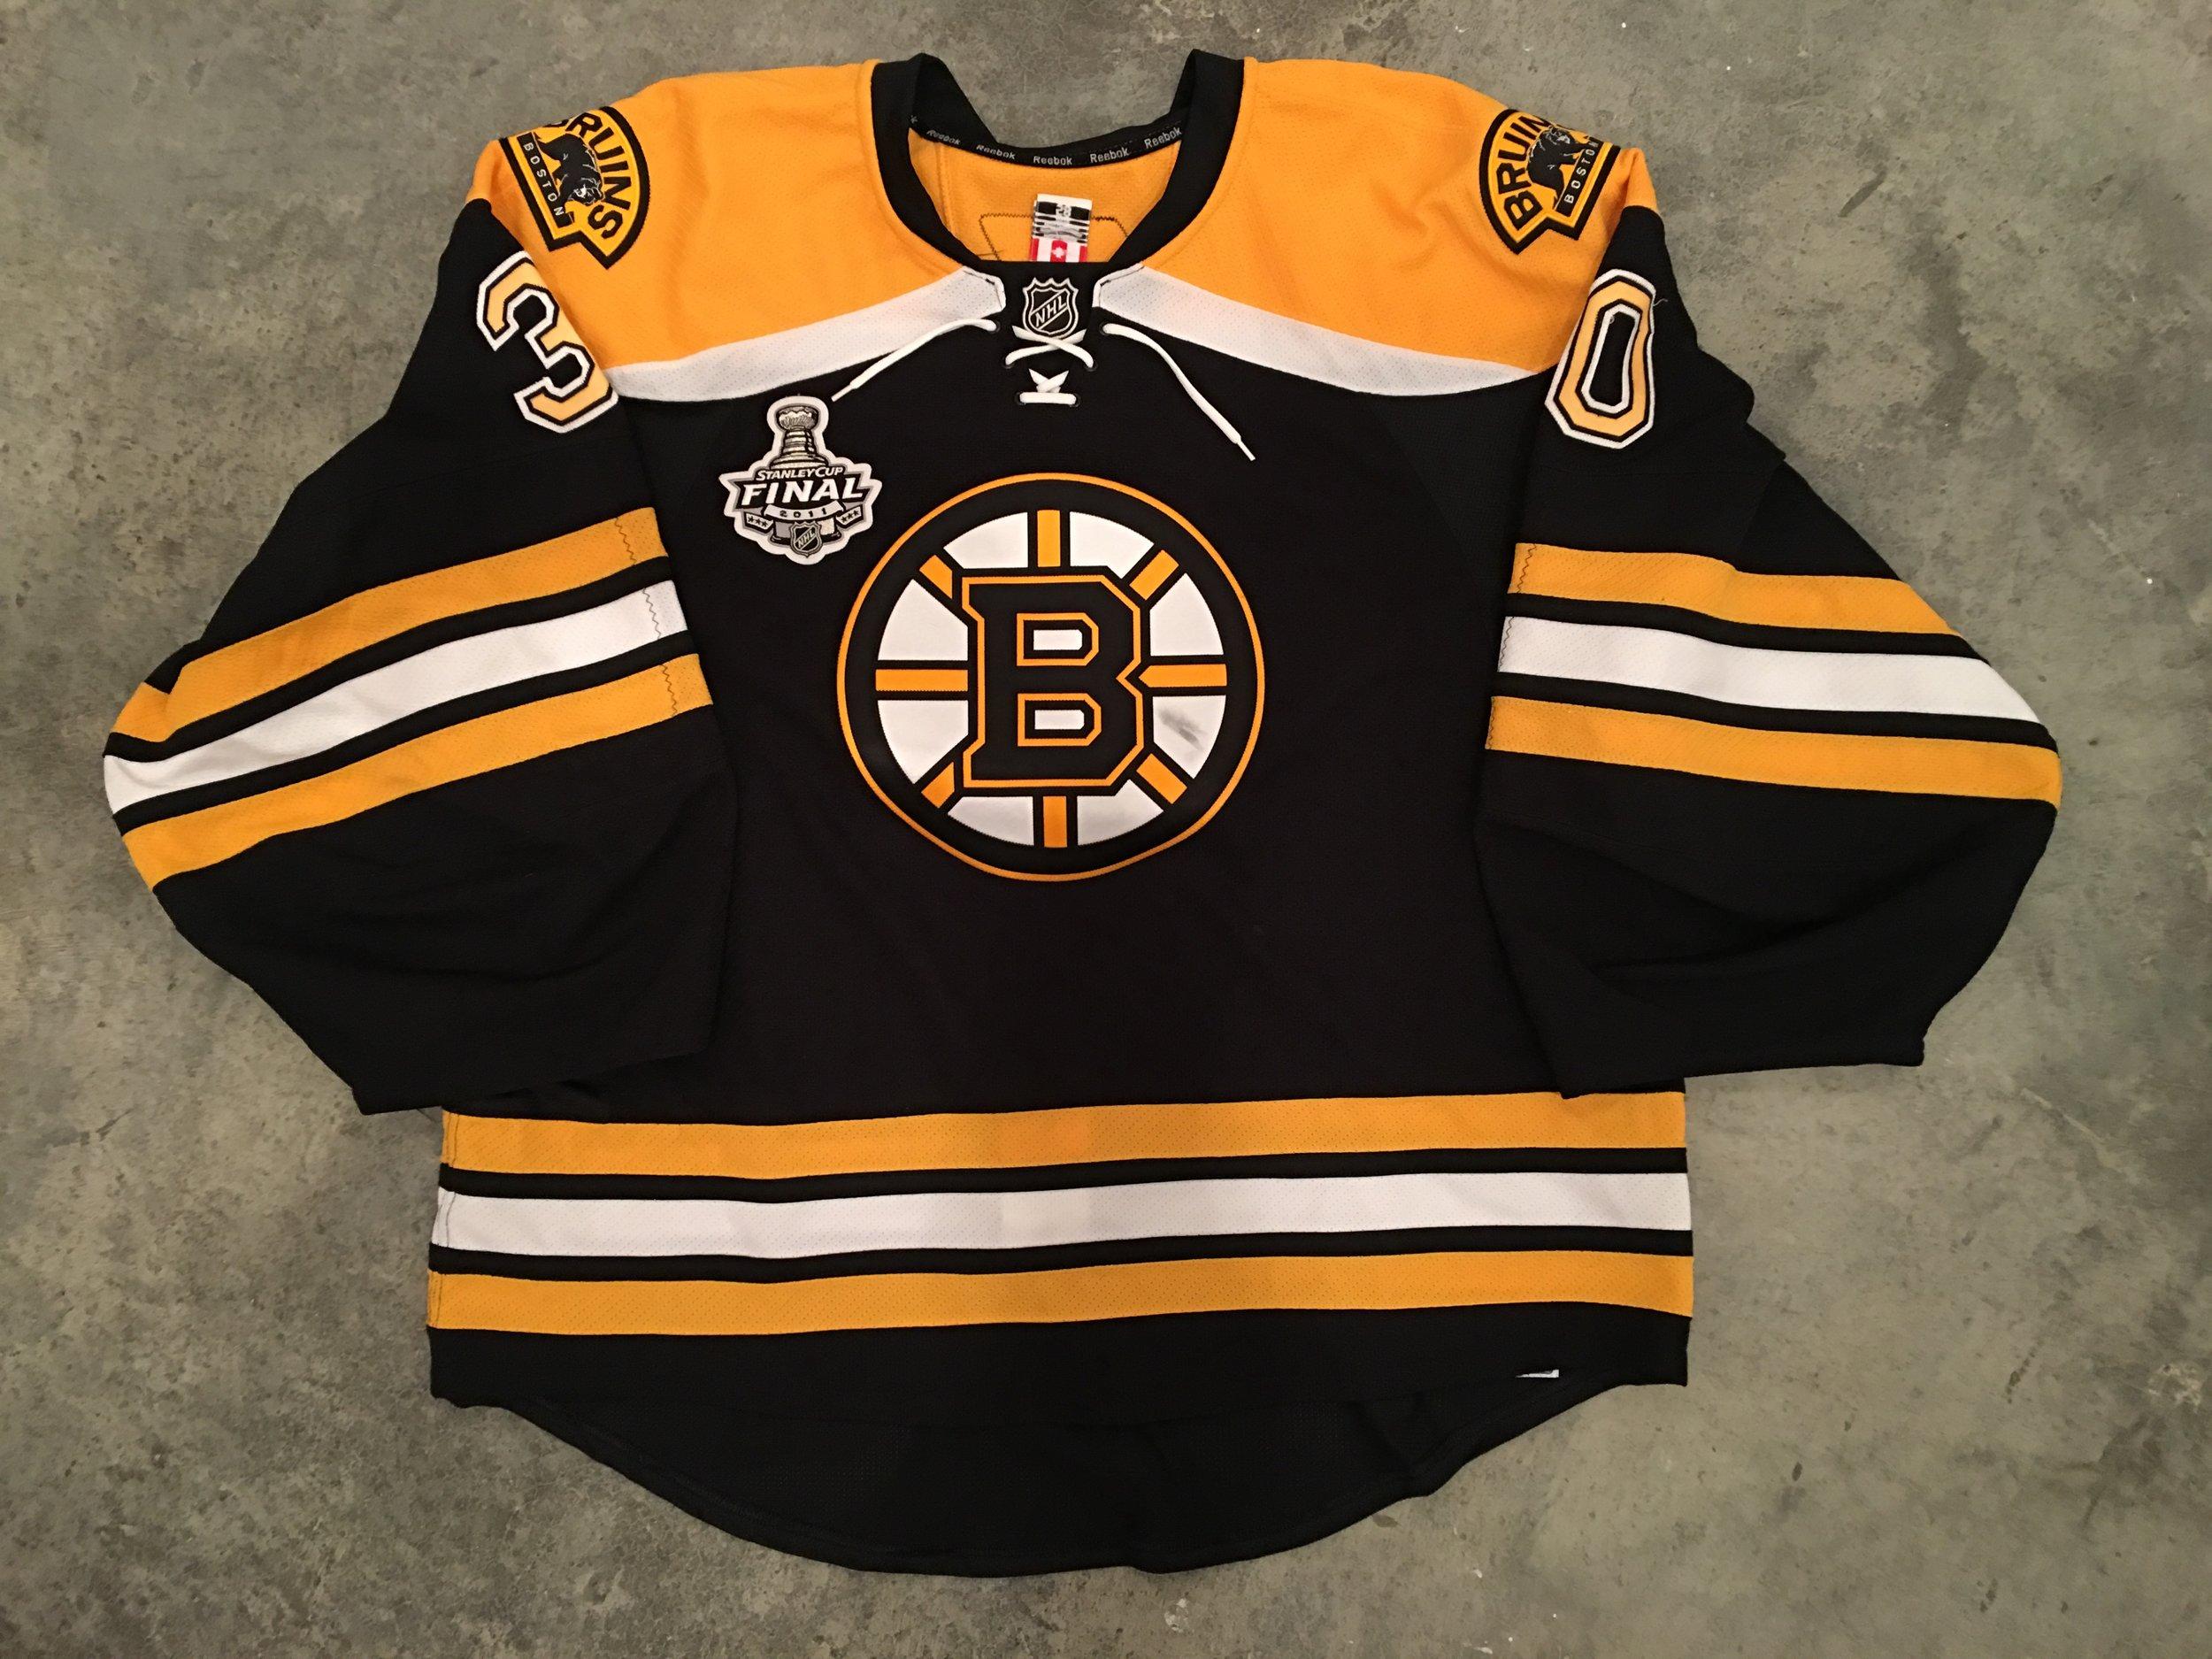 Tim Thomas Boston Bruins Game Worn Jersey - 2009 & 2011 Vezina Winner